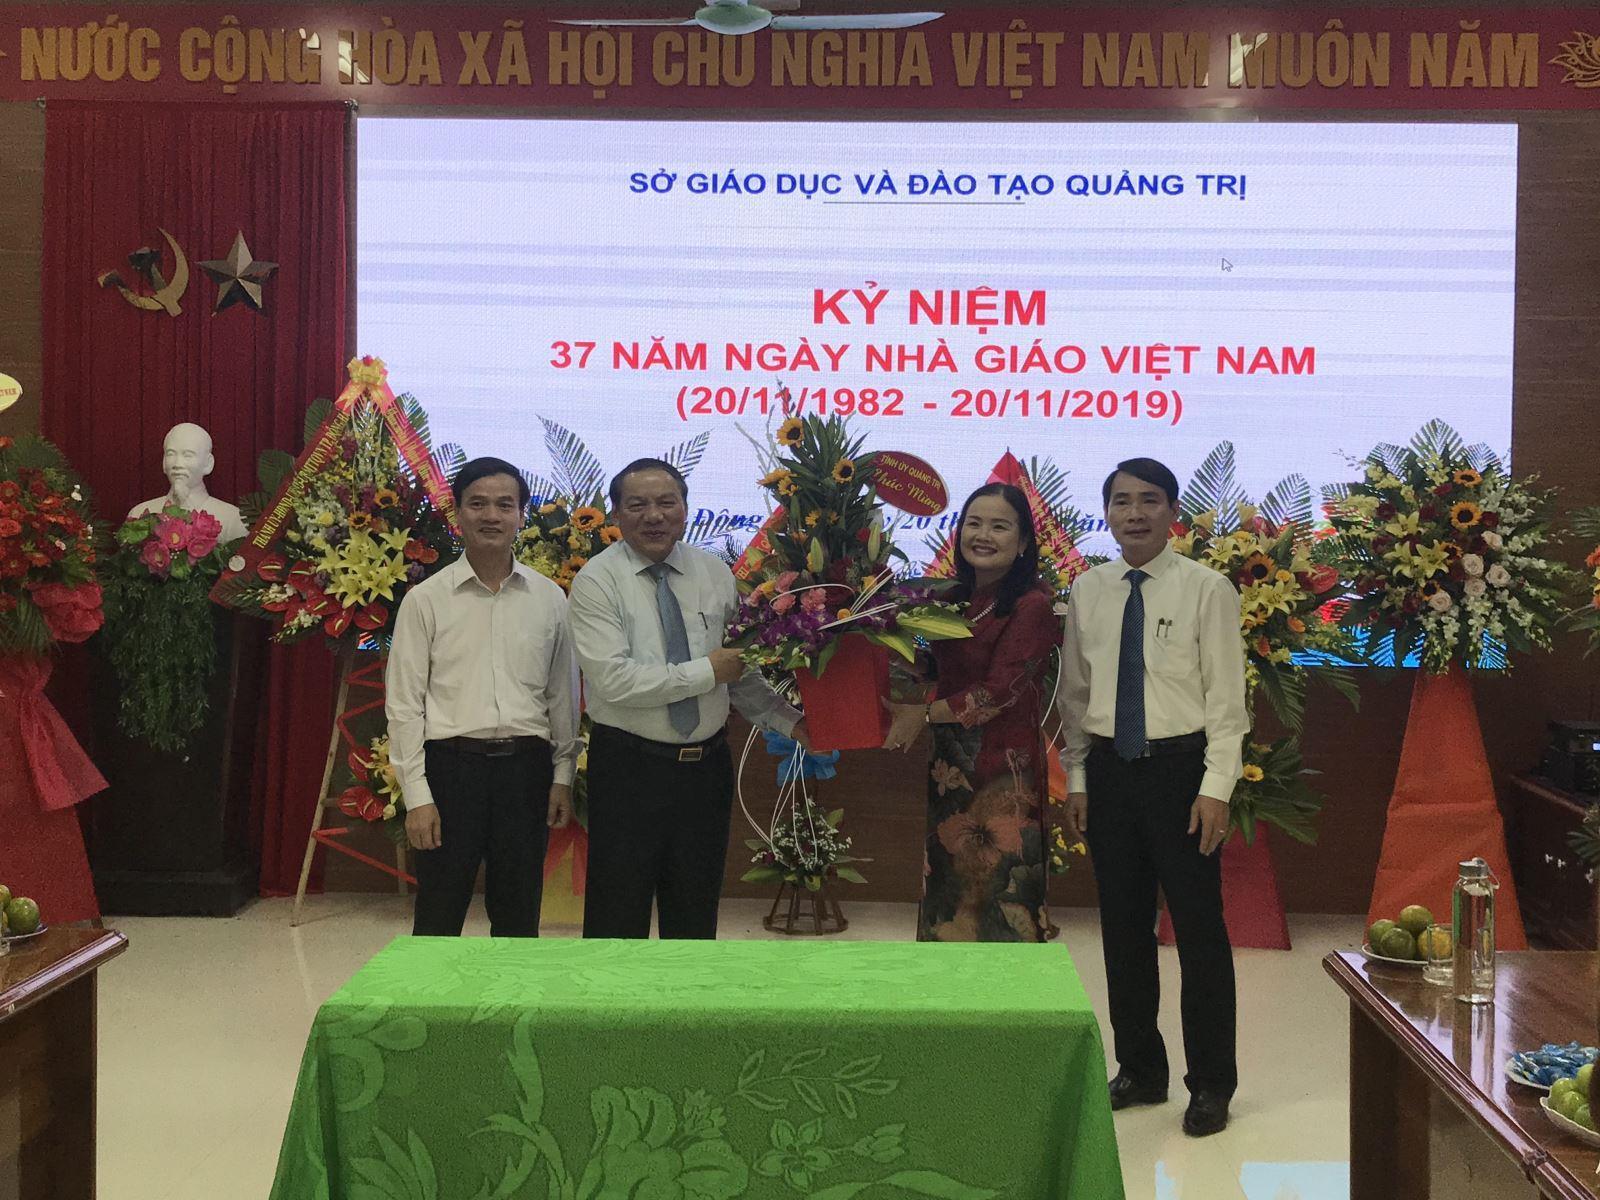 Lãnh đạo tỉnh thăm, chúc mừng Ngày Nhà giáo Việt Nam (20/11)